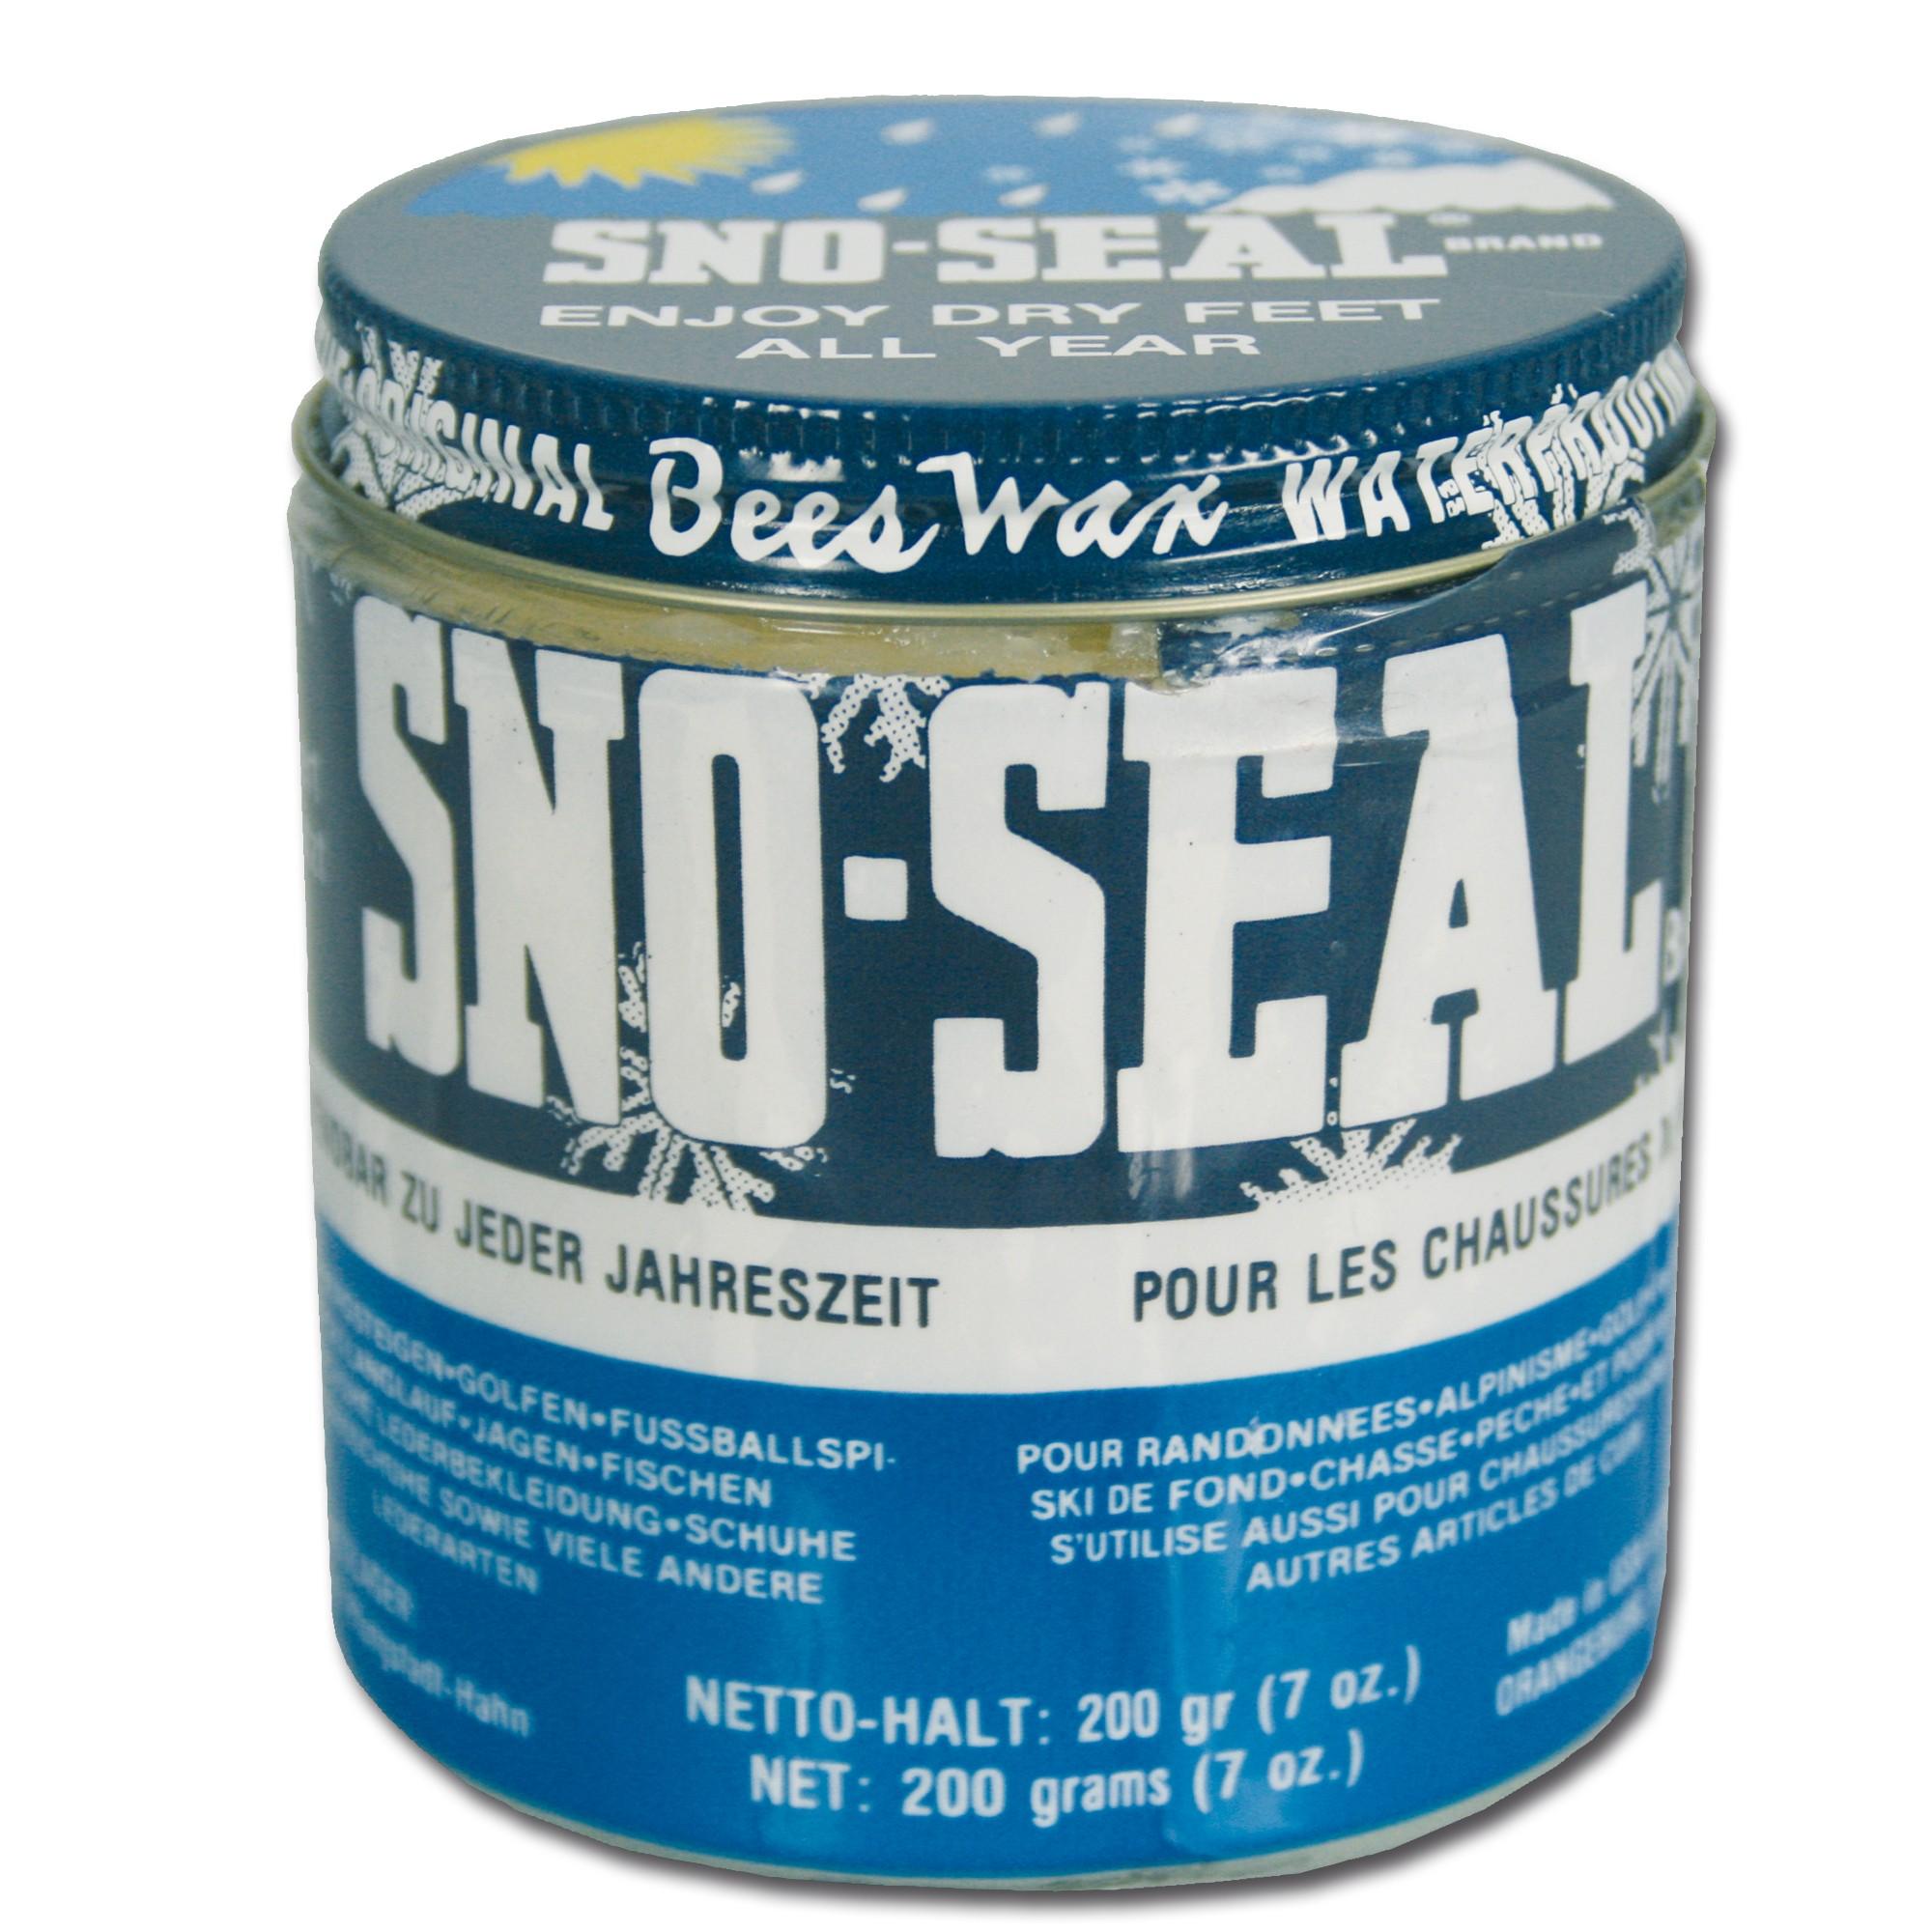 Shoe Cream Sno Seal Can